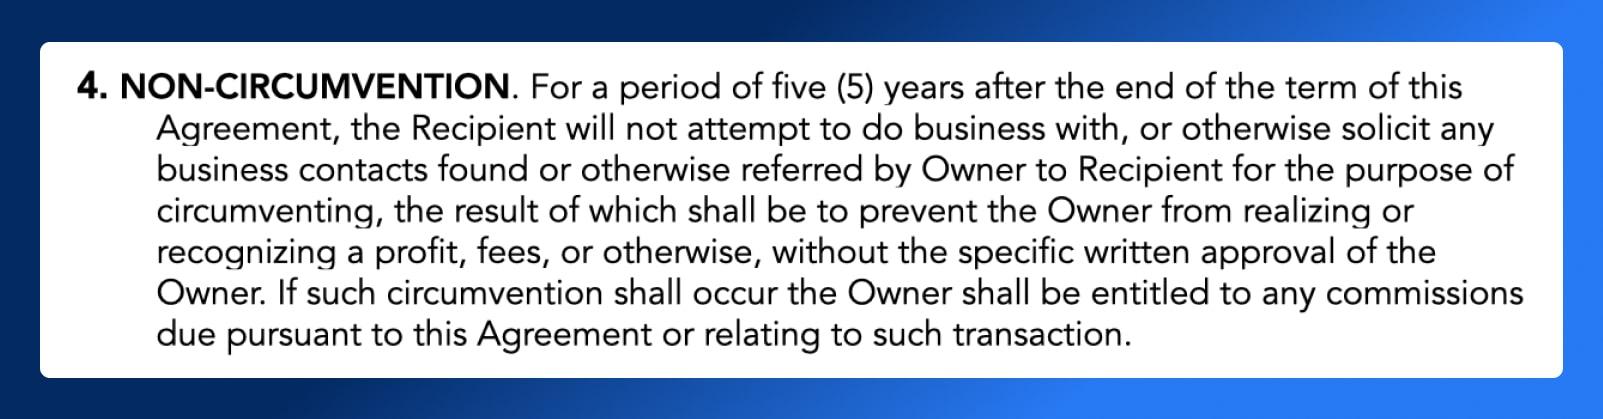 Non Disclosure Agreement - Non-circumvention - Wrapbook